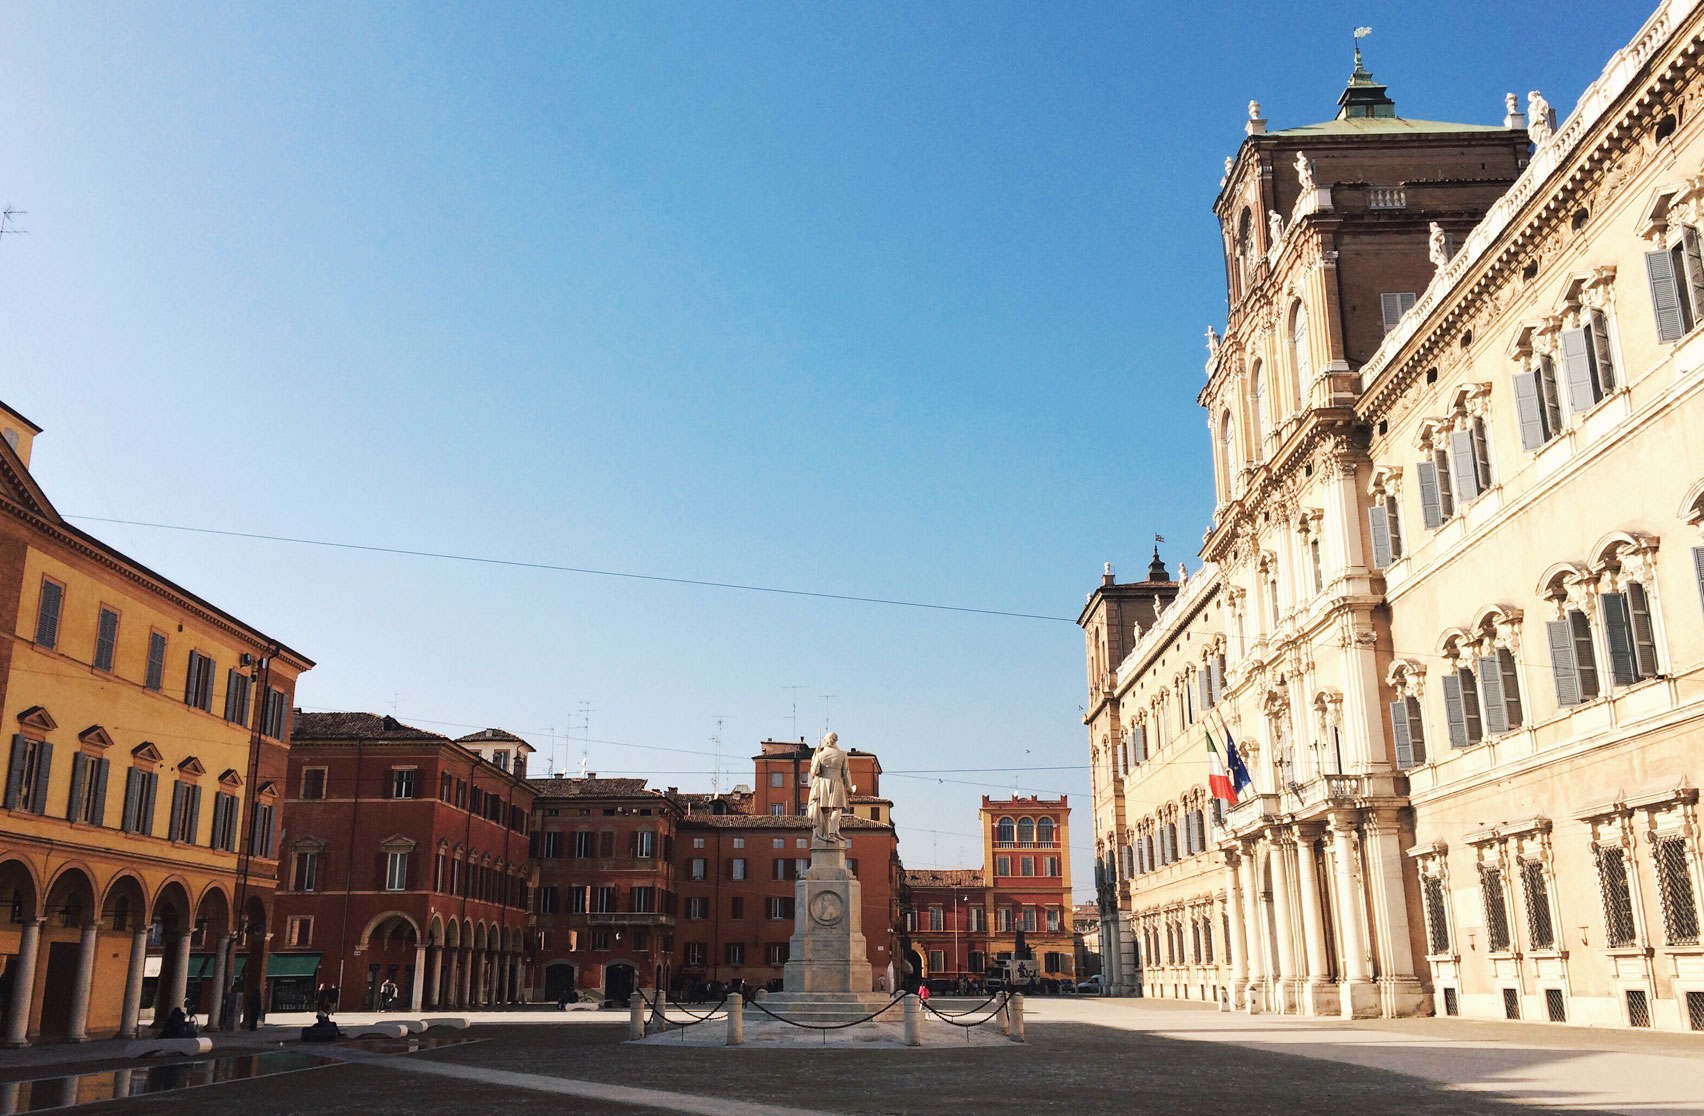 La_Modena_dei_canali_PiazzaRoma_Modena